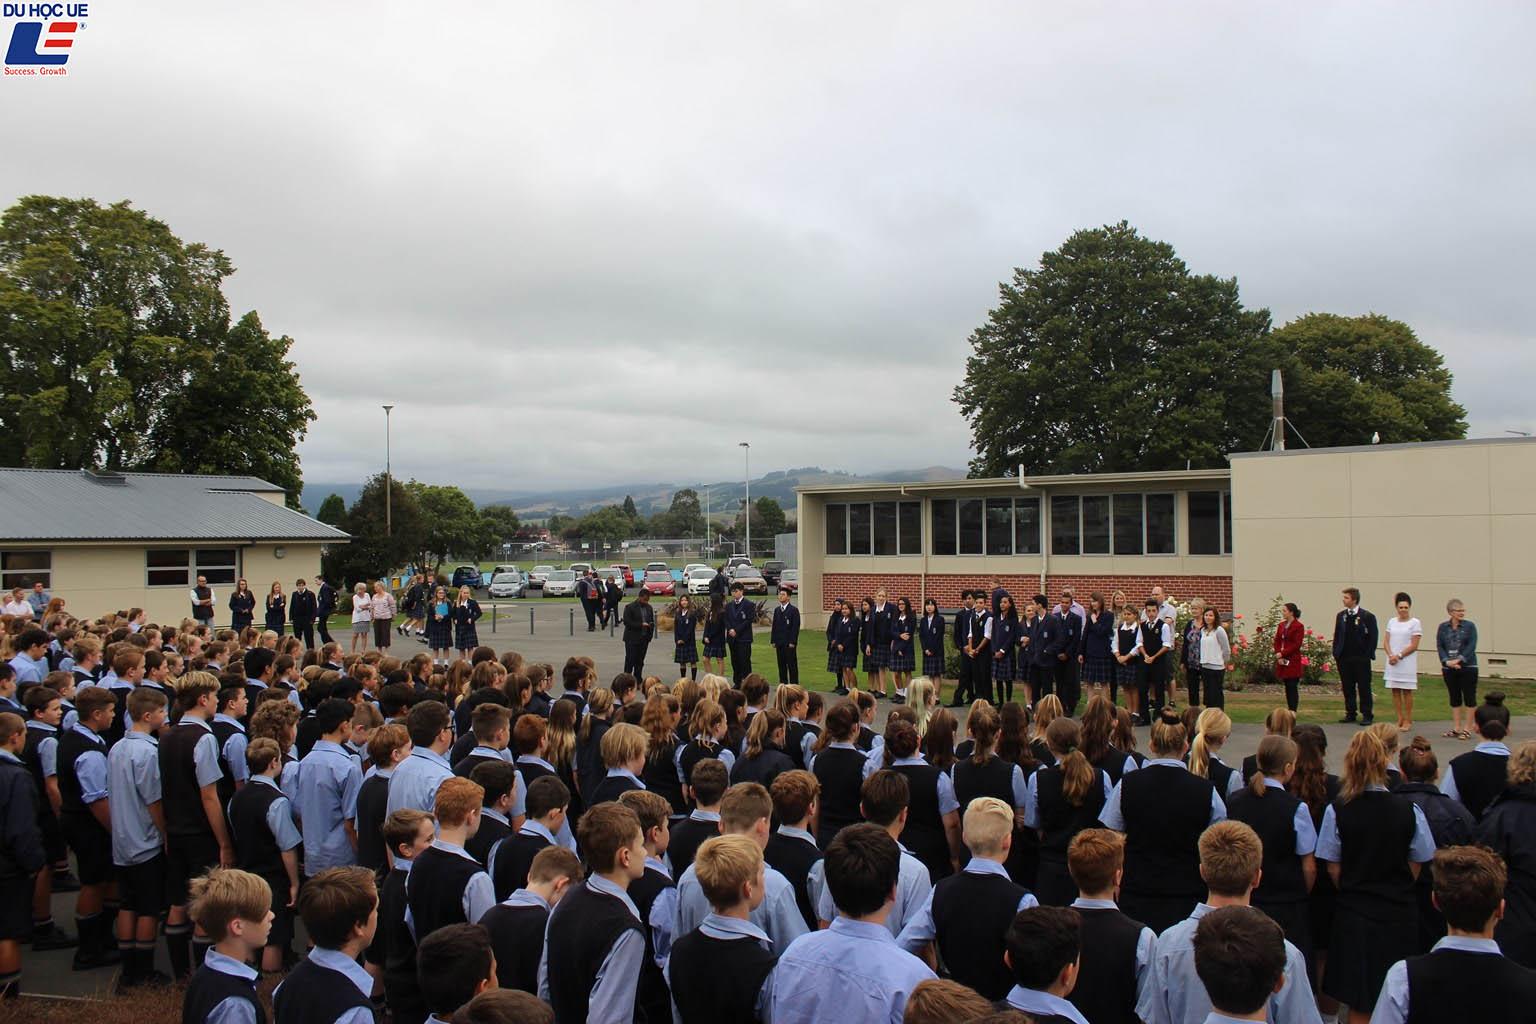 Học bổng hấp dẫn của chính phủ New Zealand dành cho chương trình trung học phổ thông vào trường Taieri College